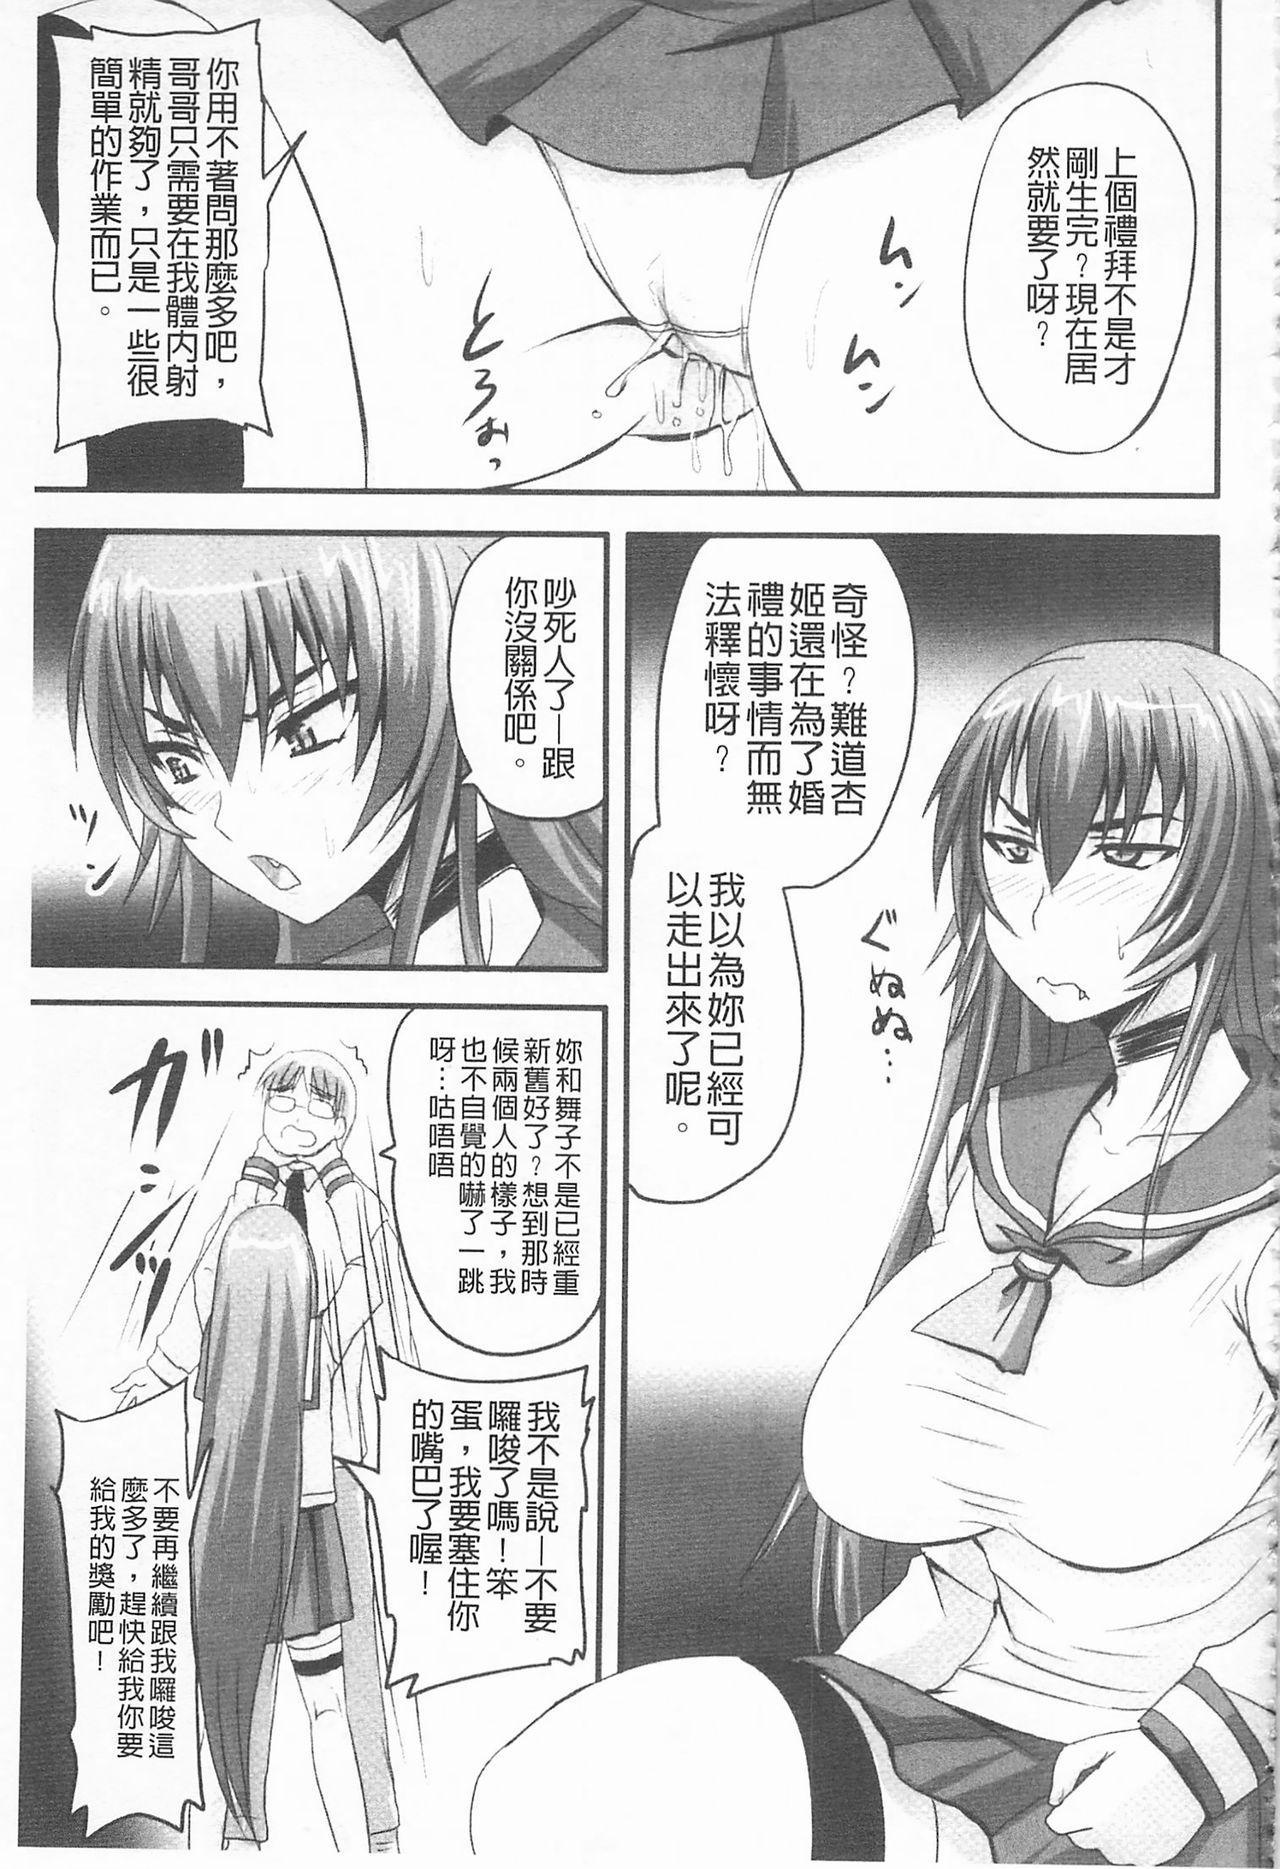 [Nozarashi Satoru] Do S na Hime wa Kegasareru -Ouhou no Shou-   超S的公主被玷汙了 ~報應之章~ [Chinese] 163